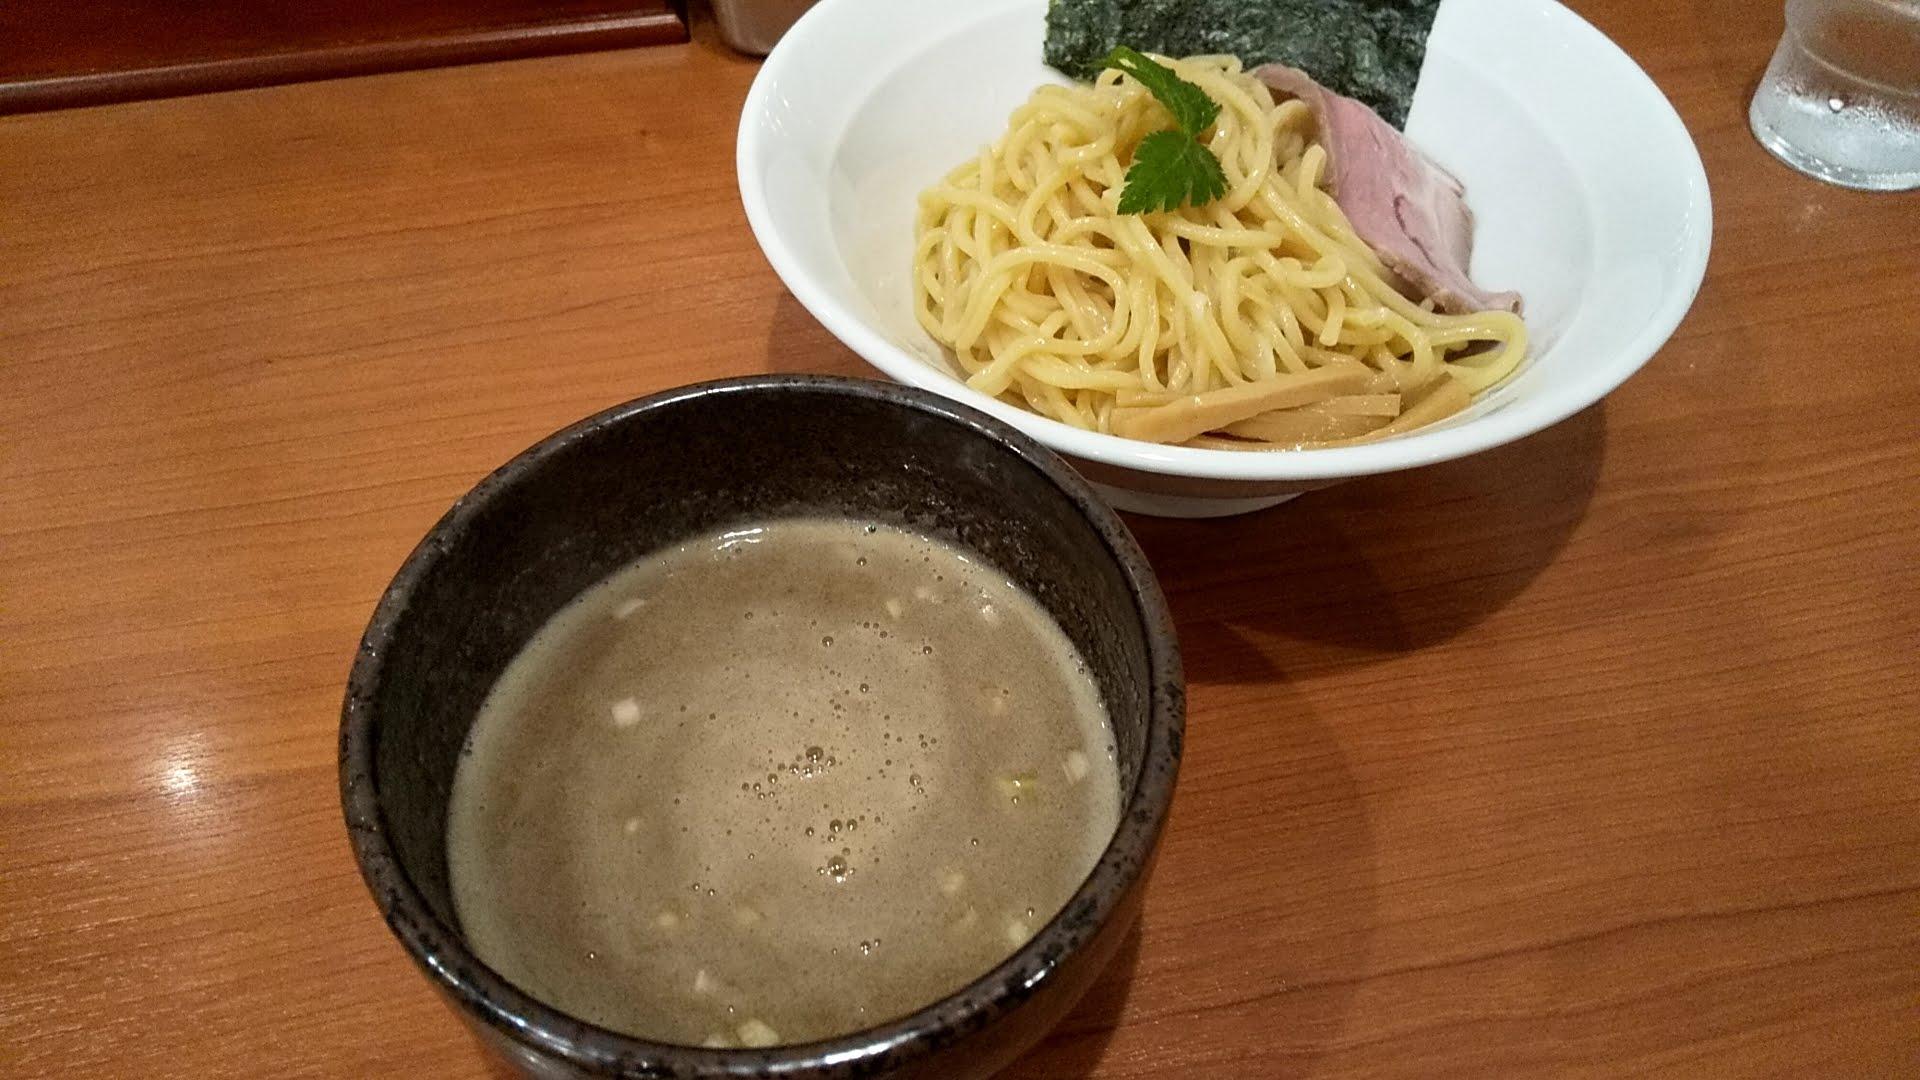 七麺鳥の濃厚豚骨魚介つけ麺